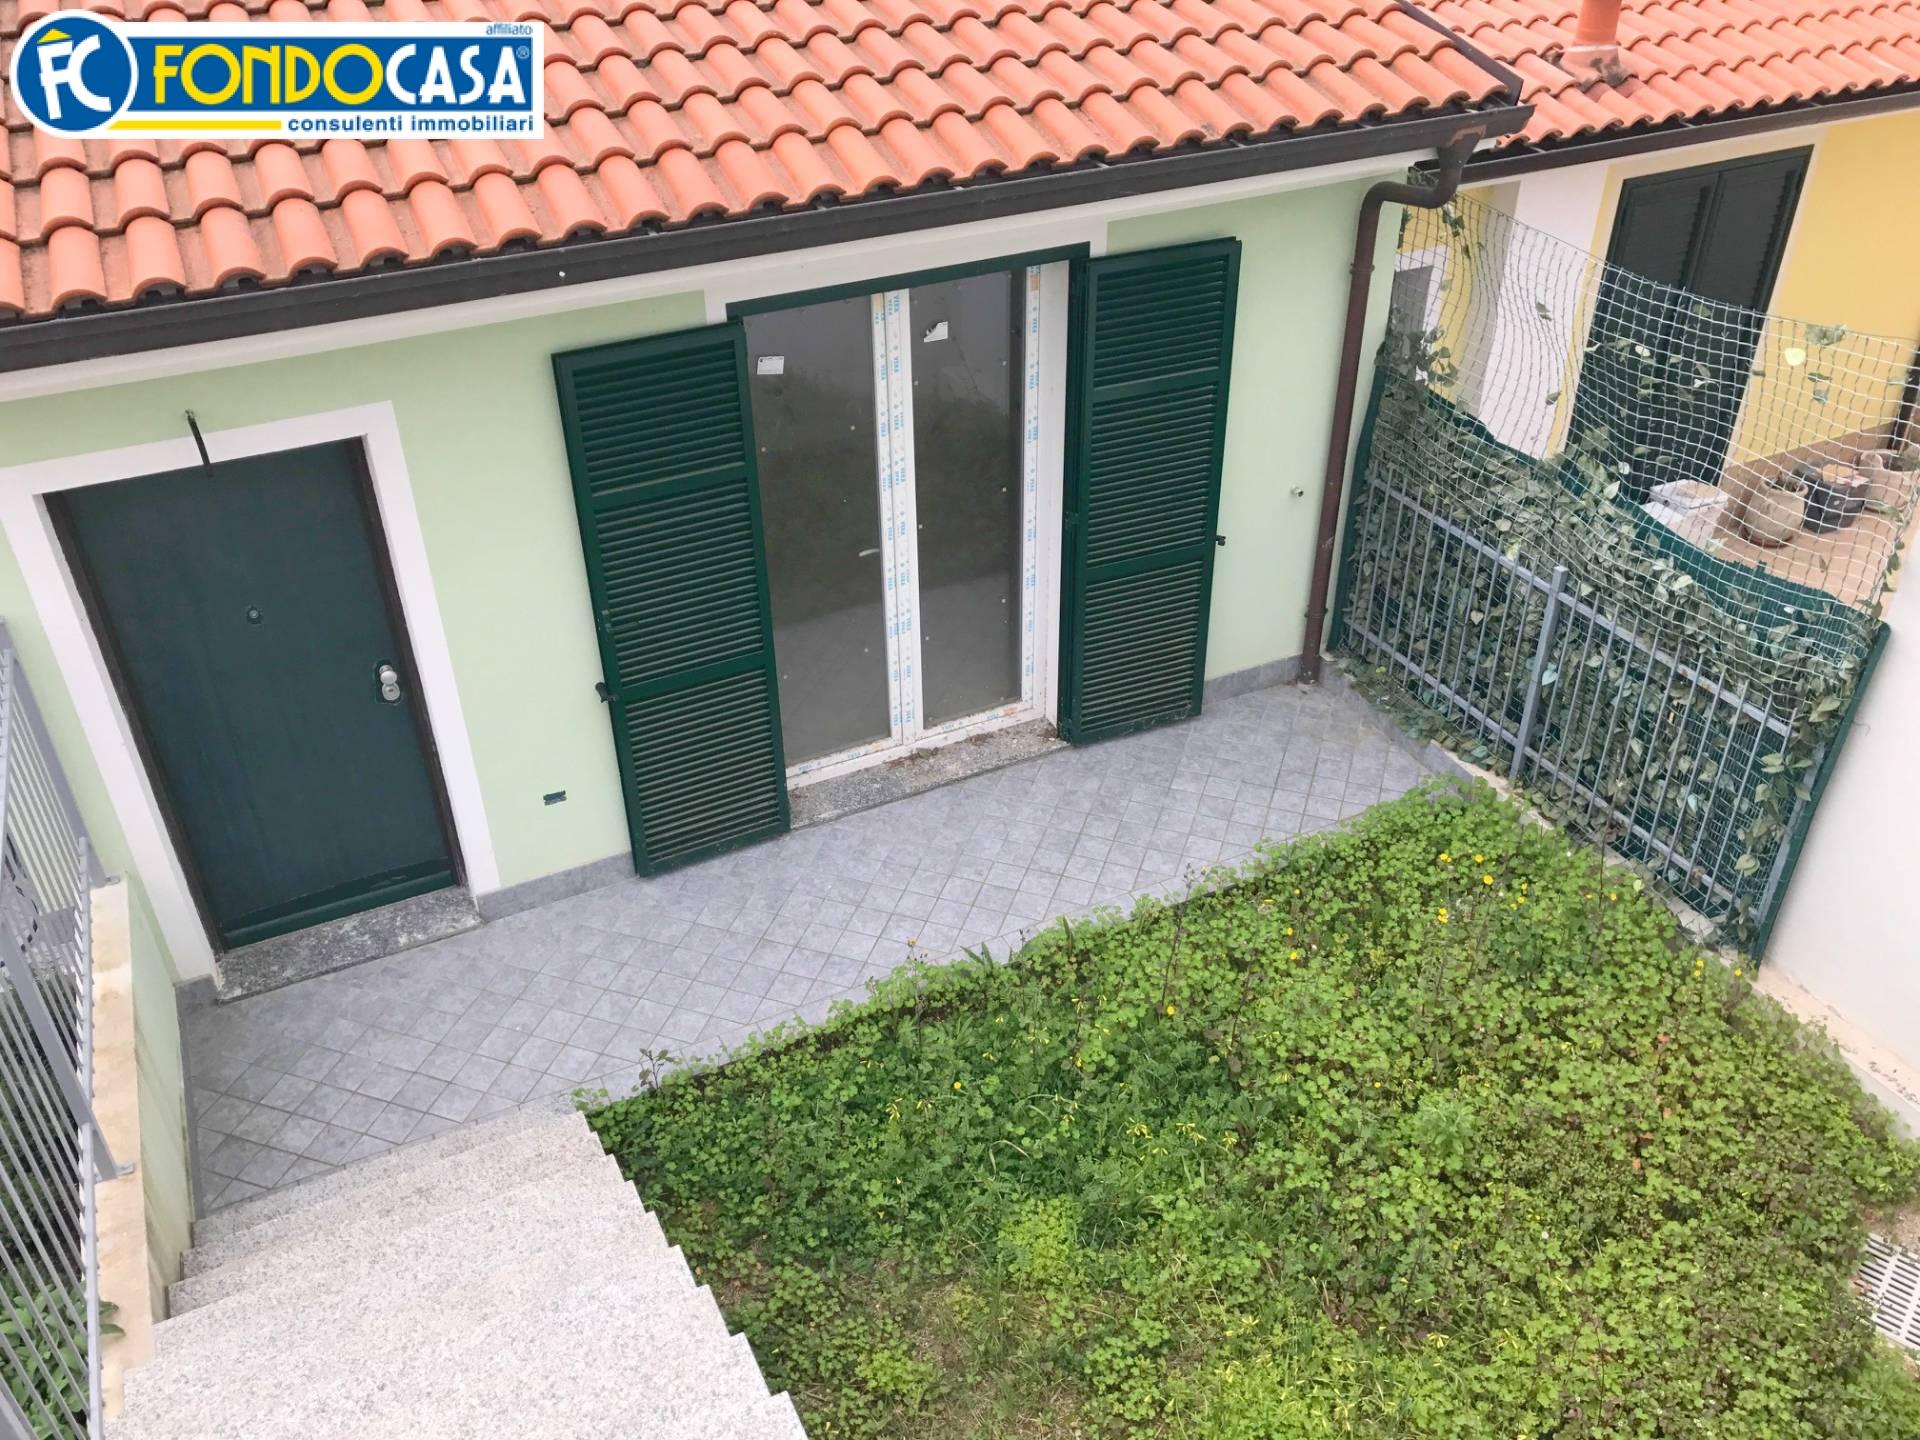 Appartamento in vendita indirizzo su richiesta Boissano